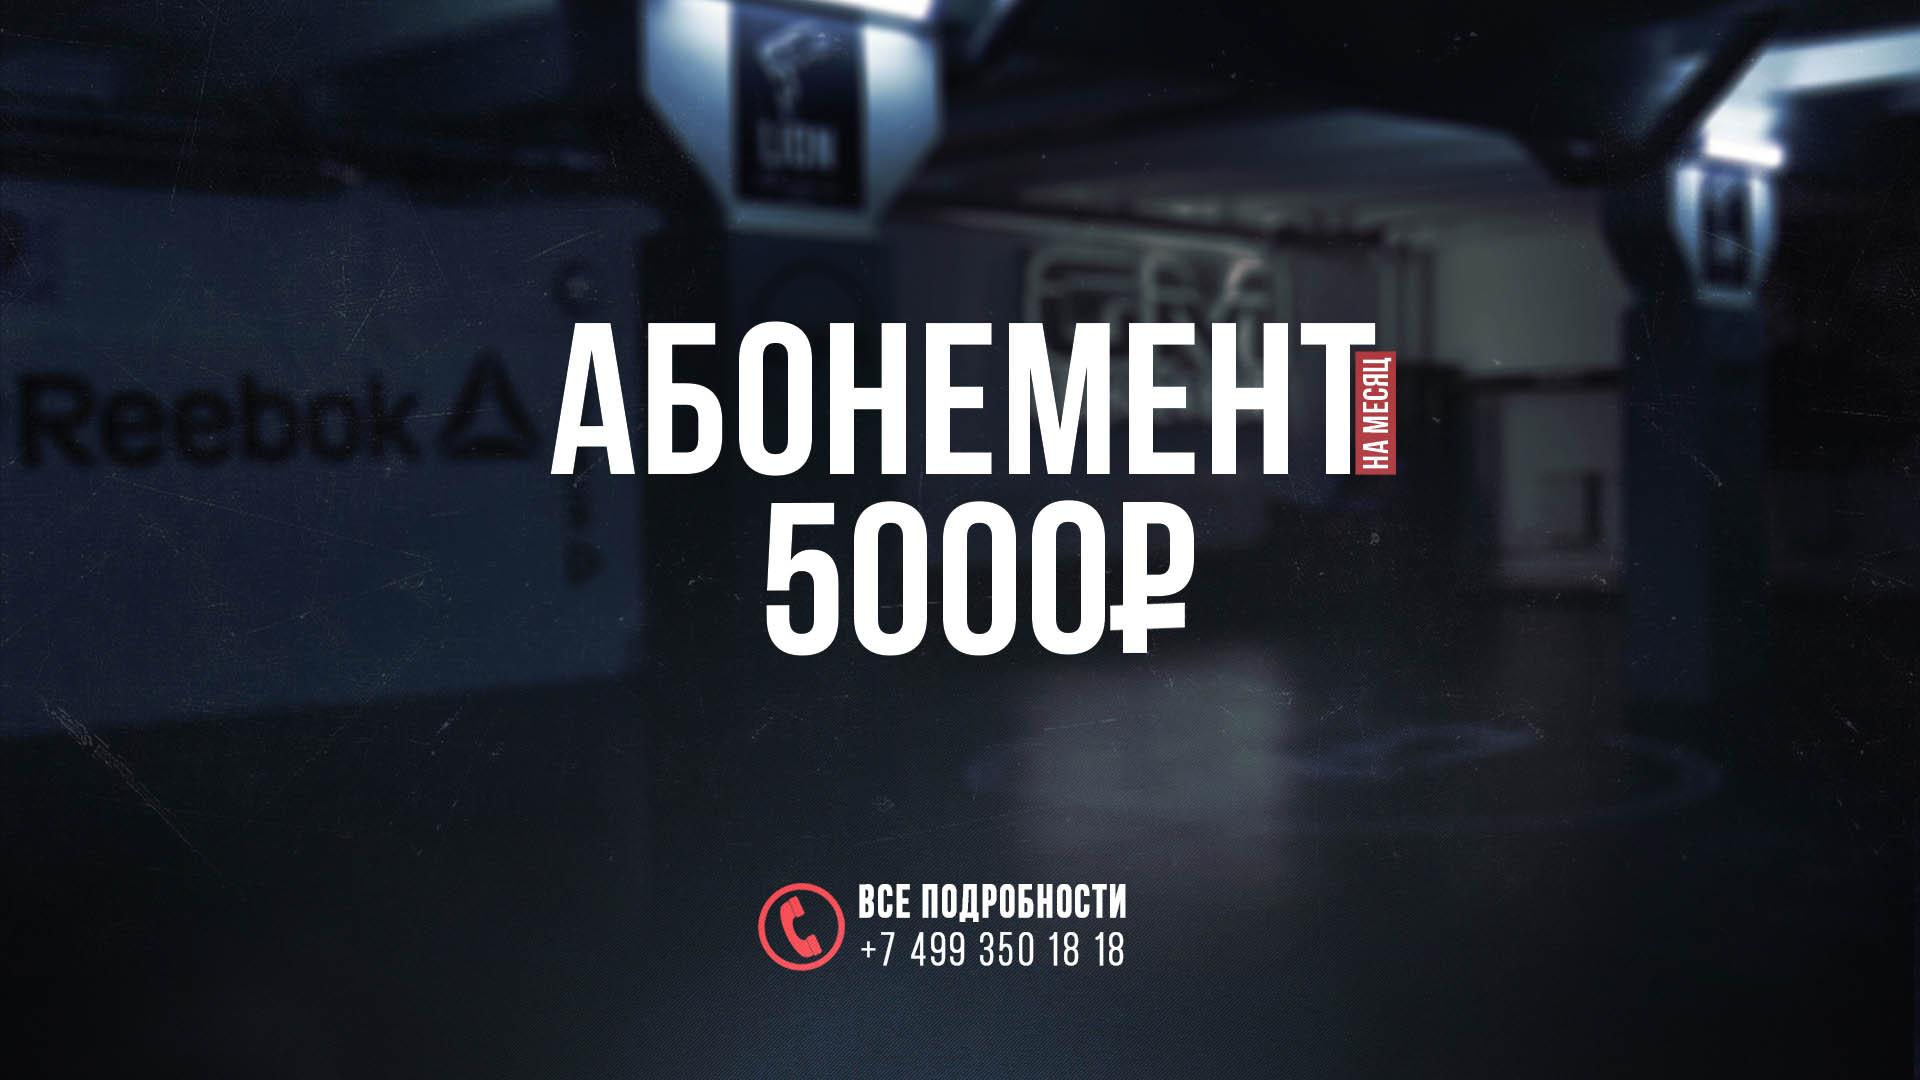 Абонемент на месяц 5000